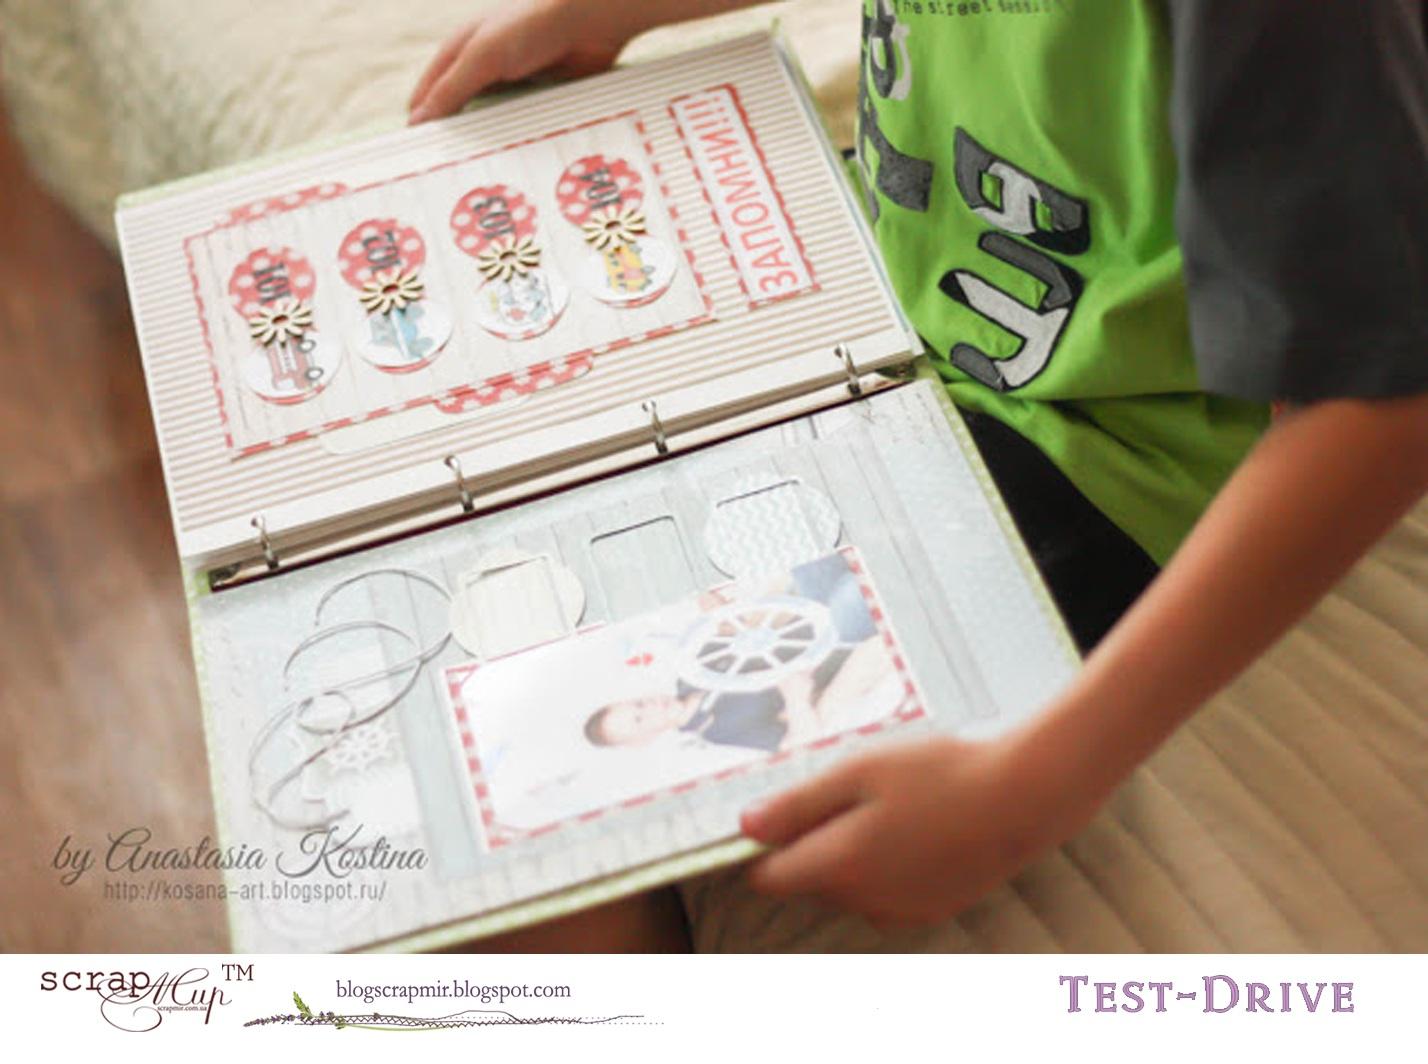 kosana art непростые вещи Детский контрольный журнал для  Спасибо за внимание делитесь в комментариях советами по организованности ваших деток и возможно ваши идеи будут кому то полезны